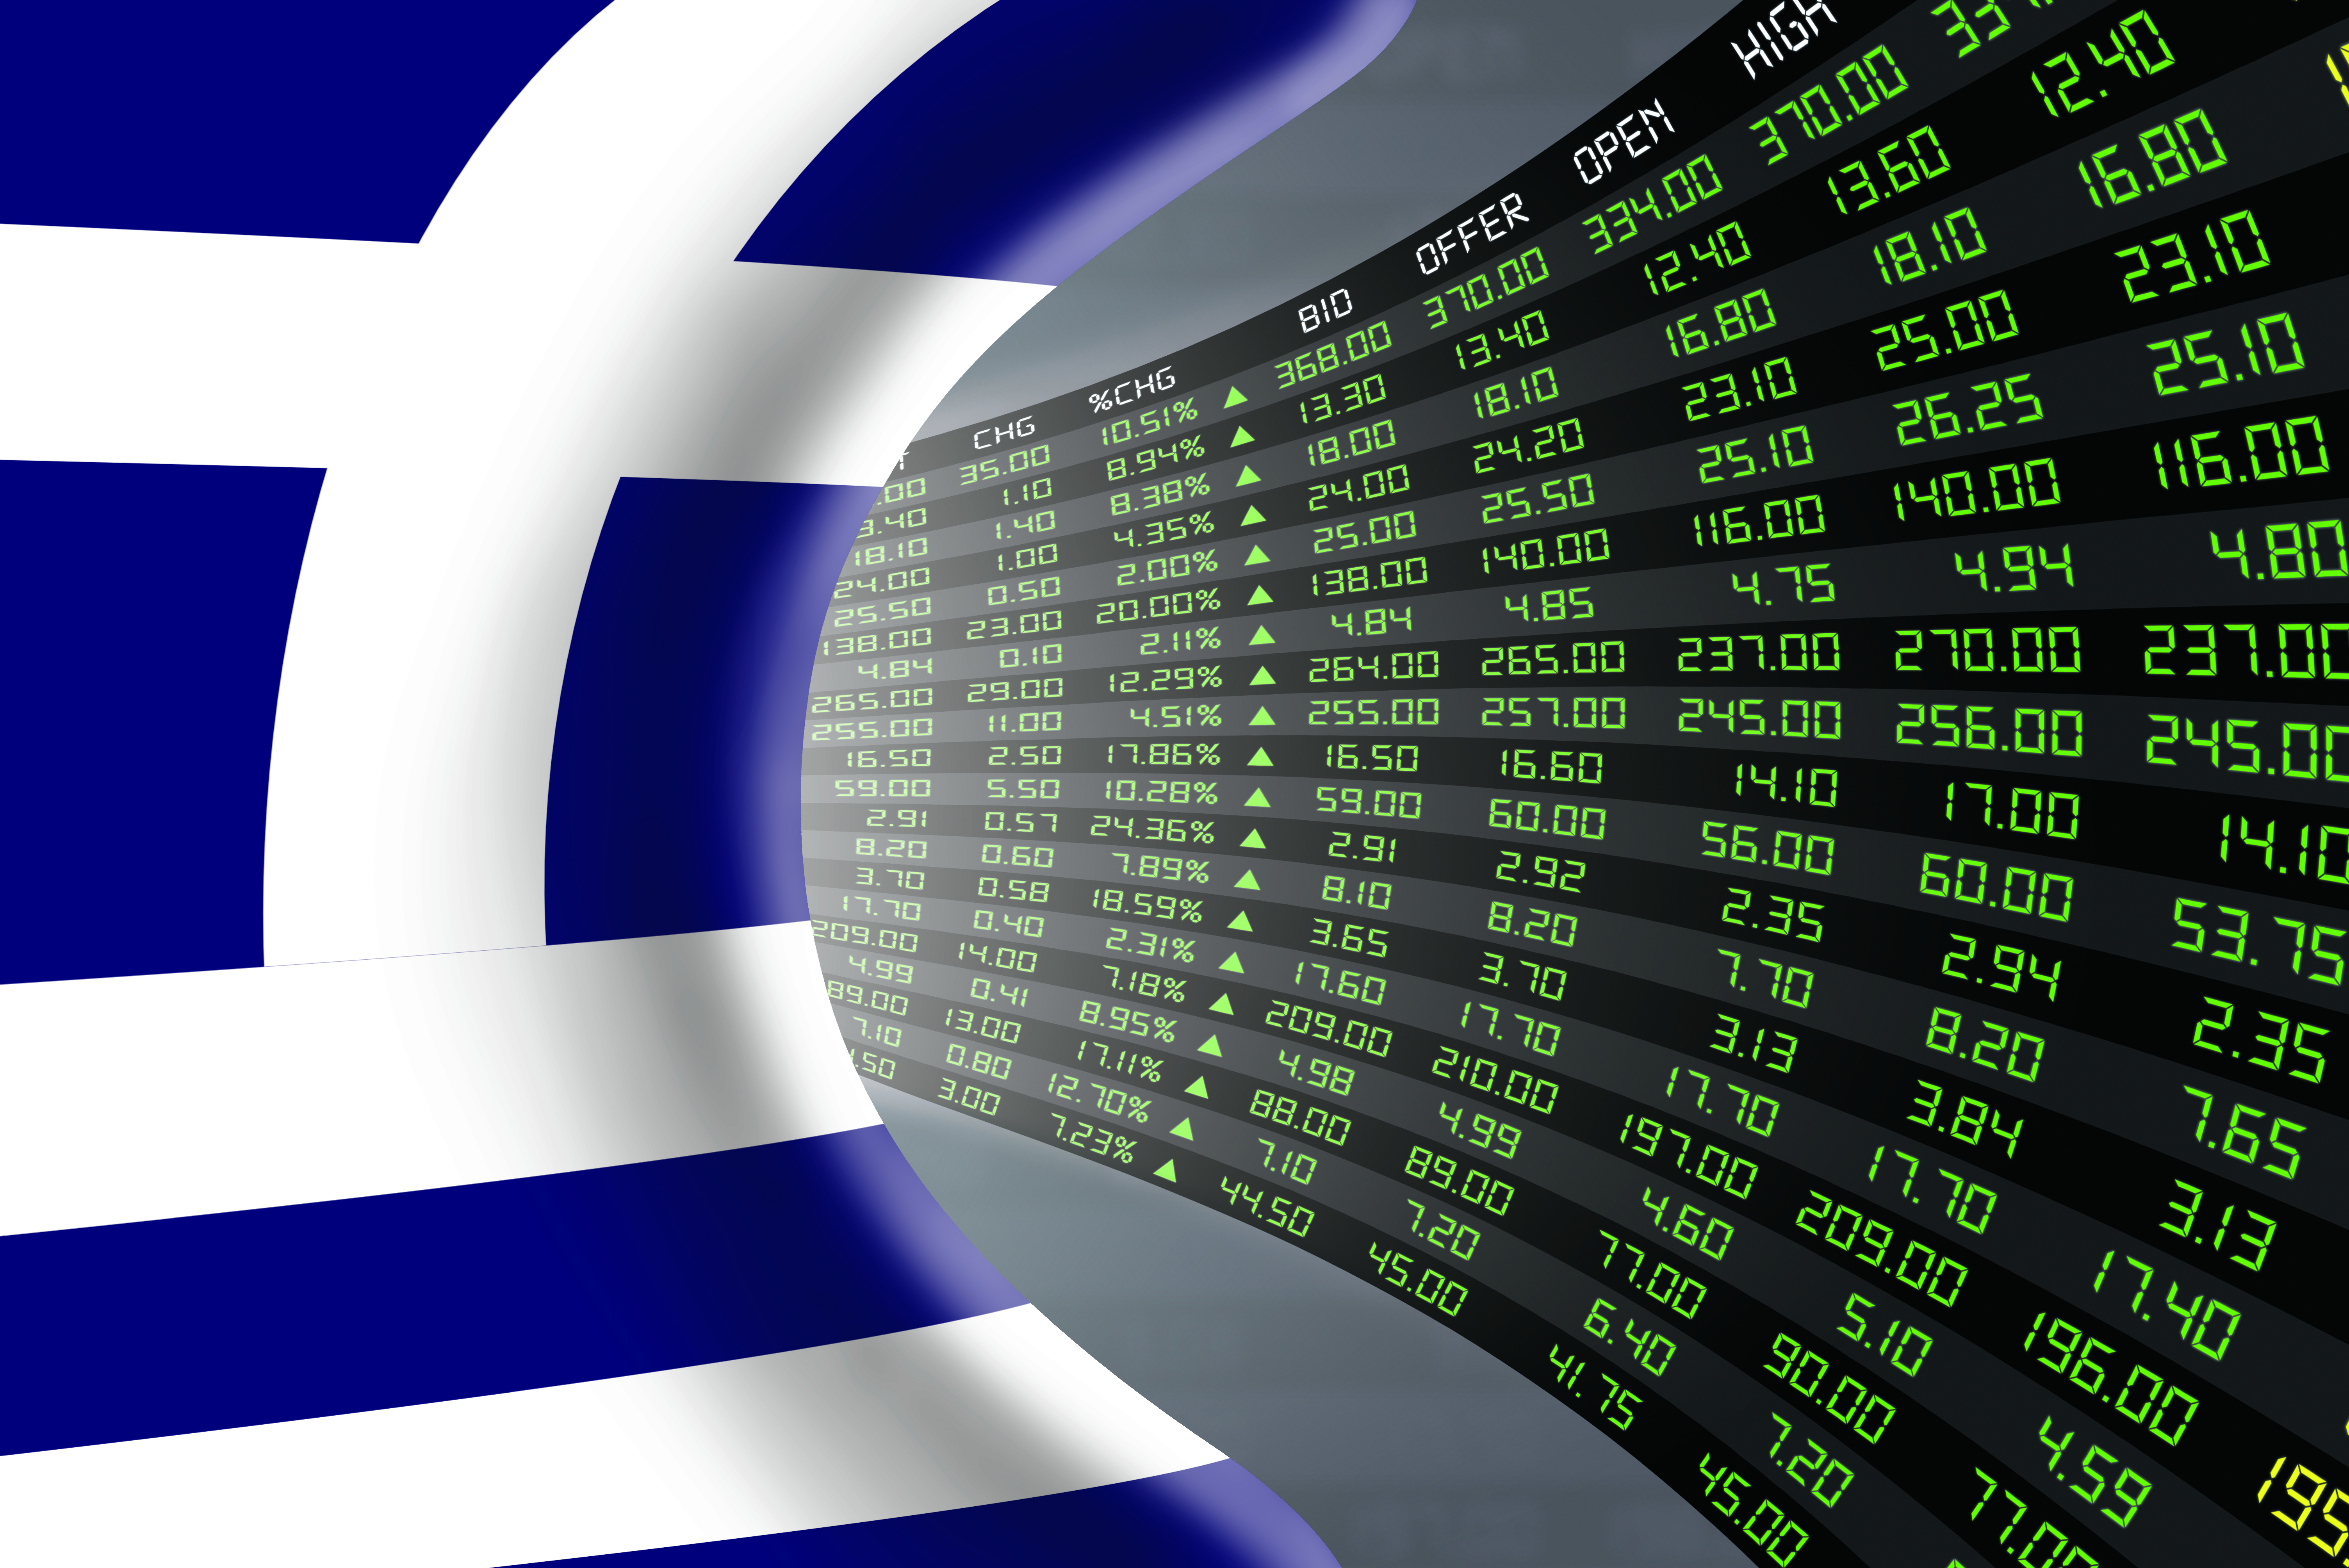 Χρηματιστήριο  Οι τράπεζες θα κρίνουν το ανοδικό momentum d2b89b81220